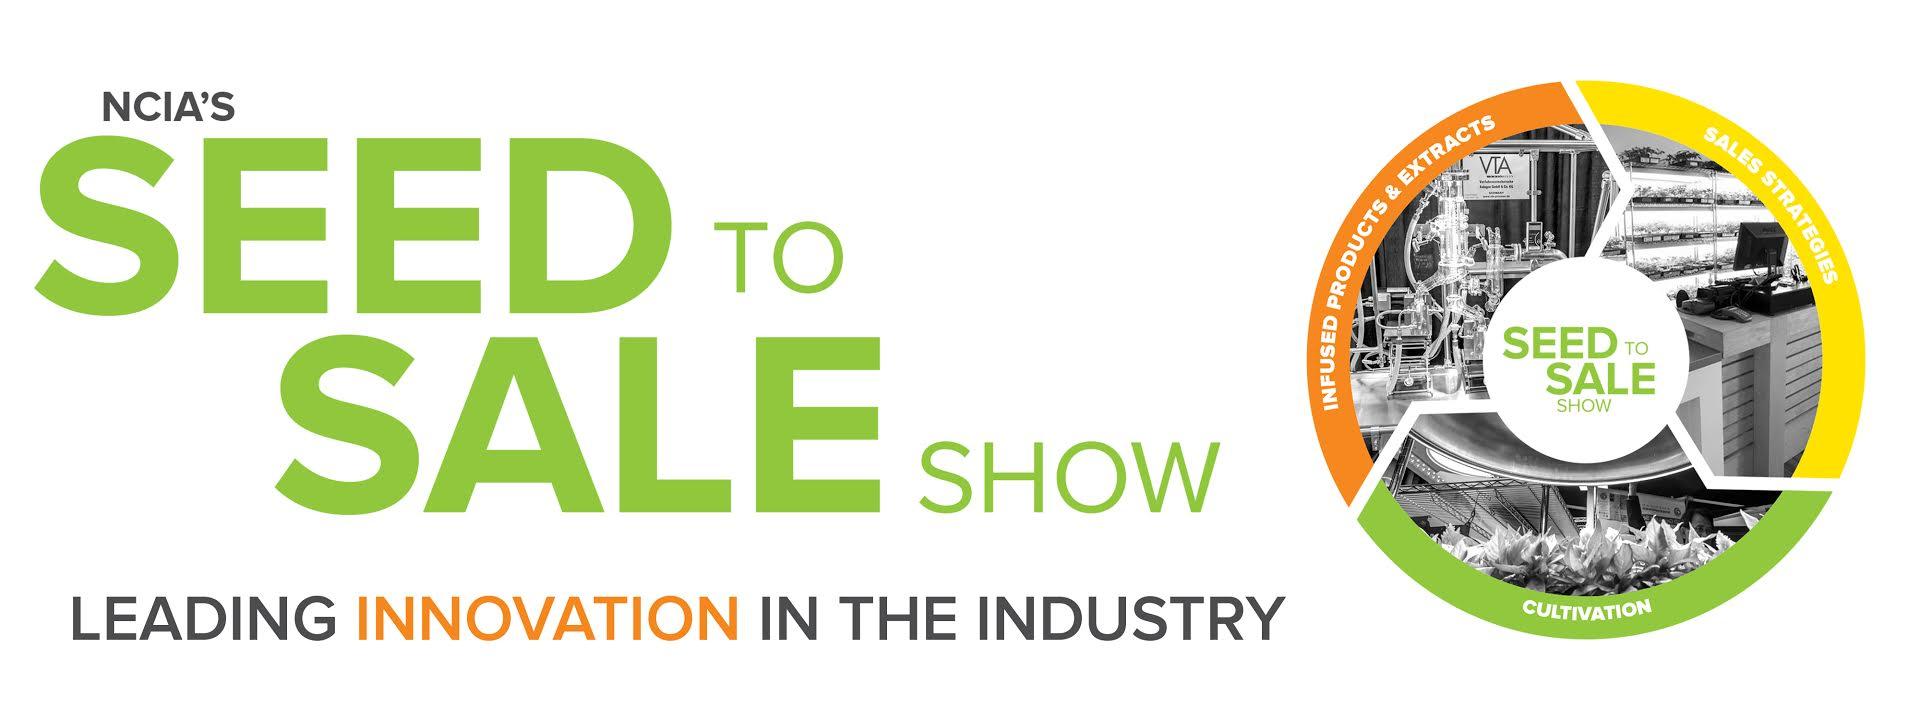 NCIA Seed to Sale Show